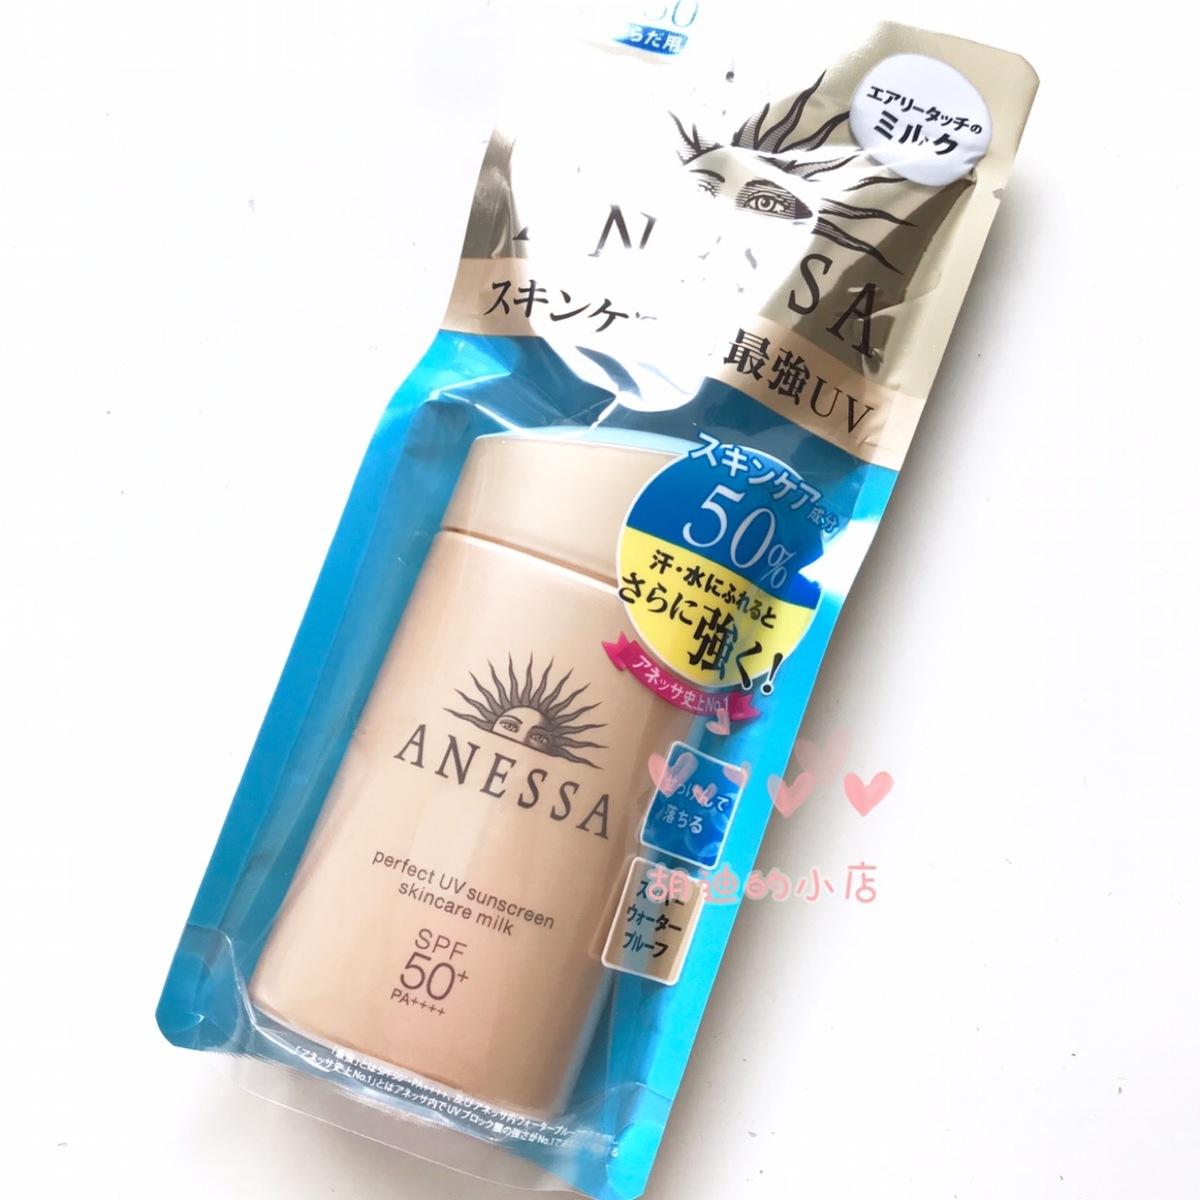 现货包邮 资生堂ANESSA安耐晒金瓶 安热沙防晒霜 60ml12月05日最新优惠